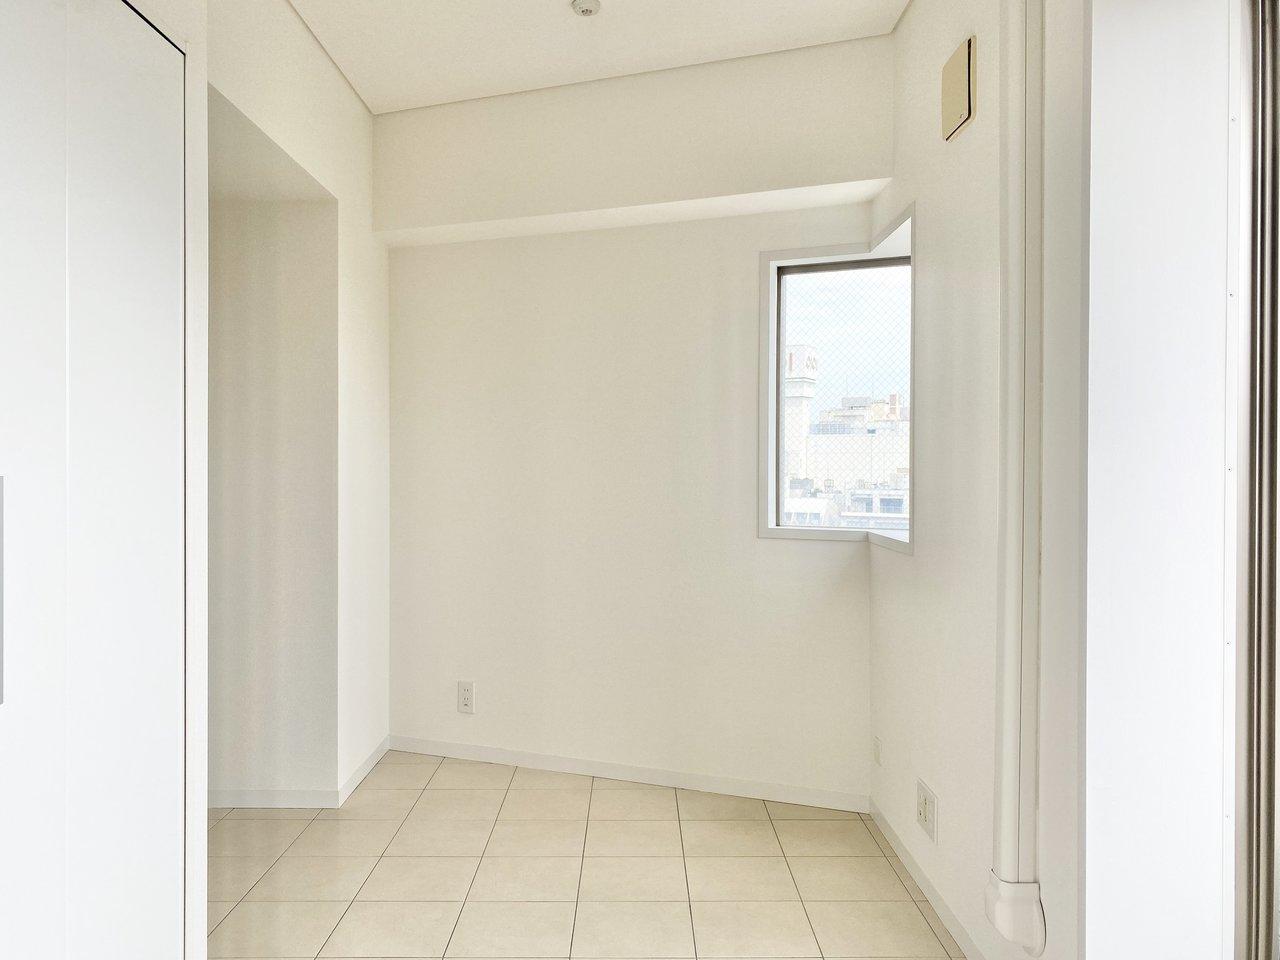 リビングはL字型になった、14畳の広さがあります。仕切りはなくとも、コーナーそれぞれに、寝室・ワークスペース・ダイニング、などのインテリアを置けば、空間を分けられるところもポイント。